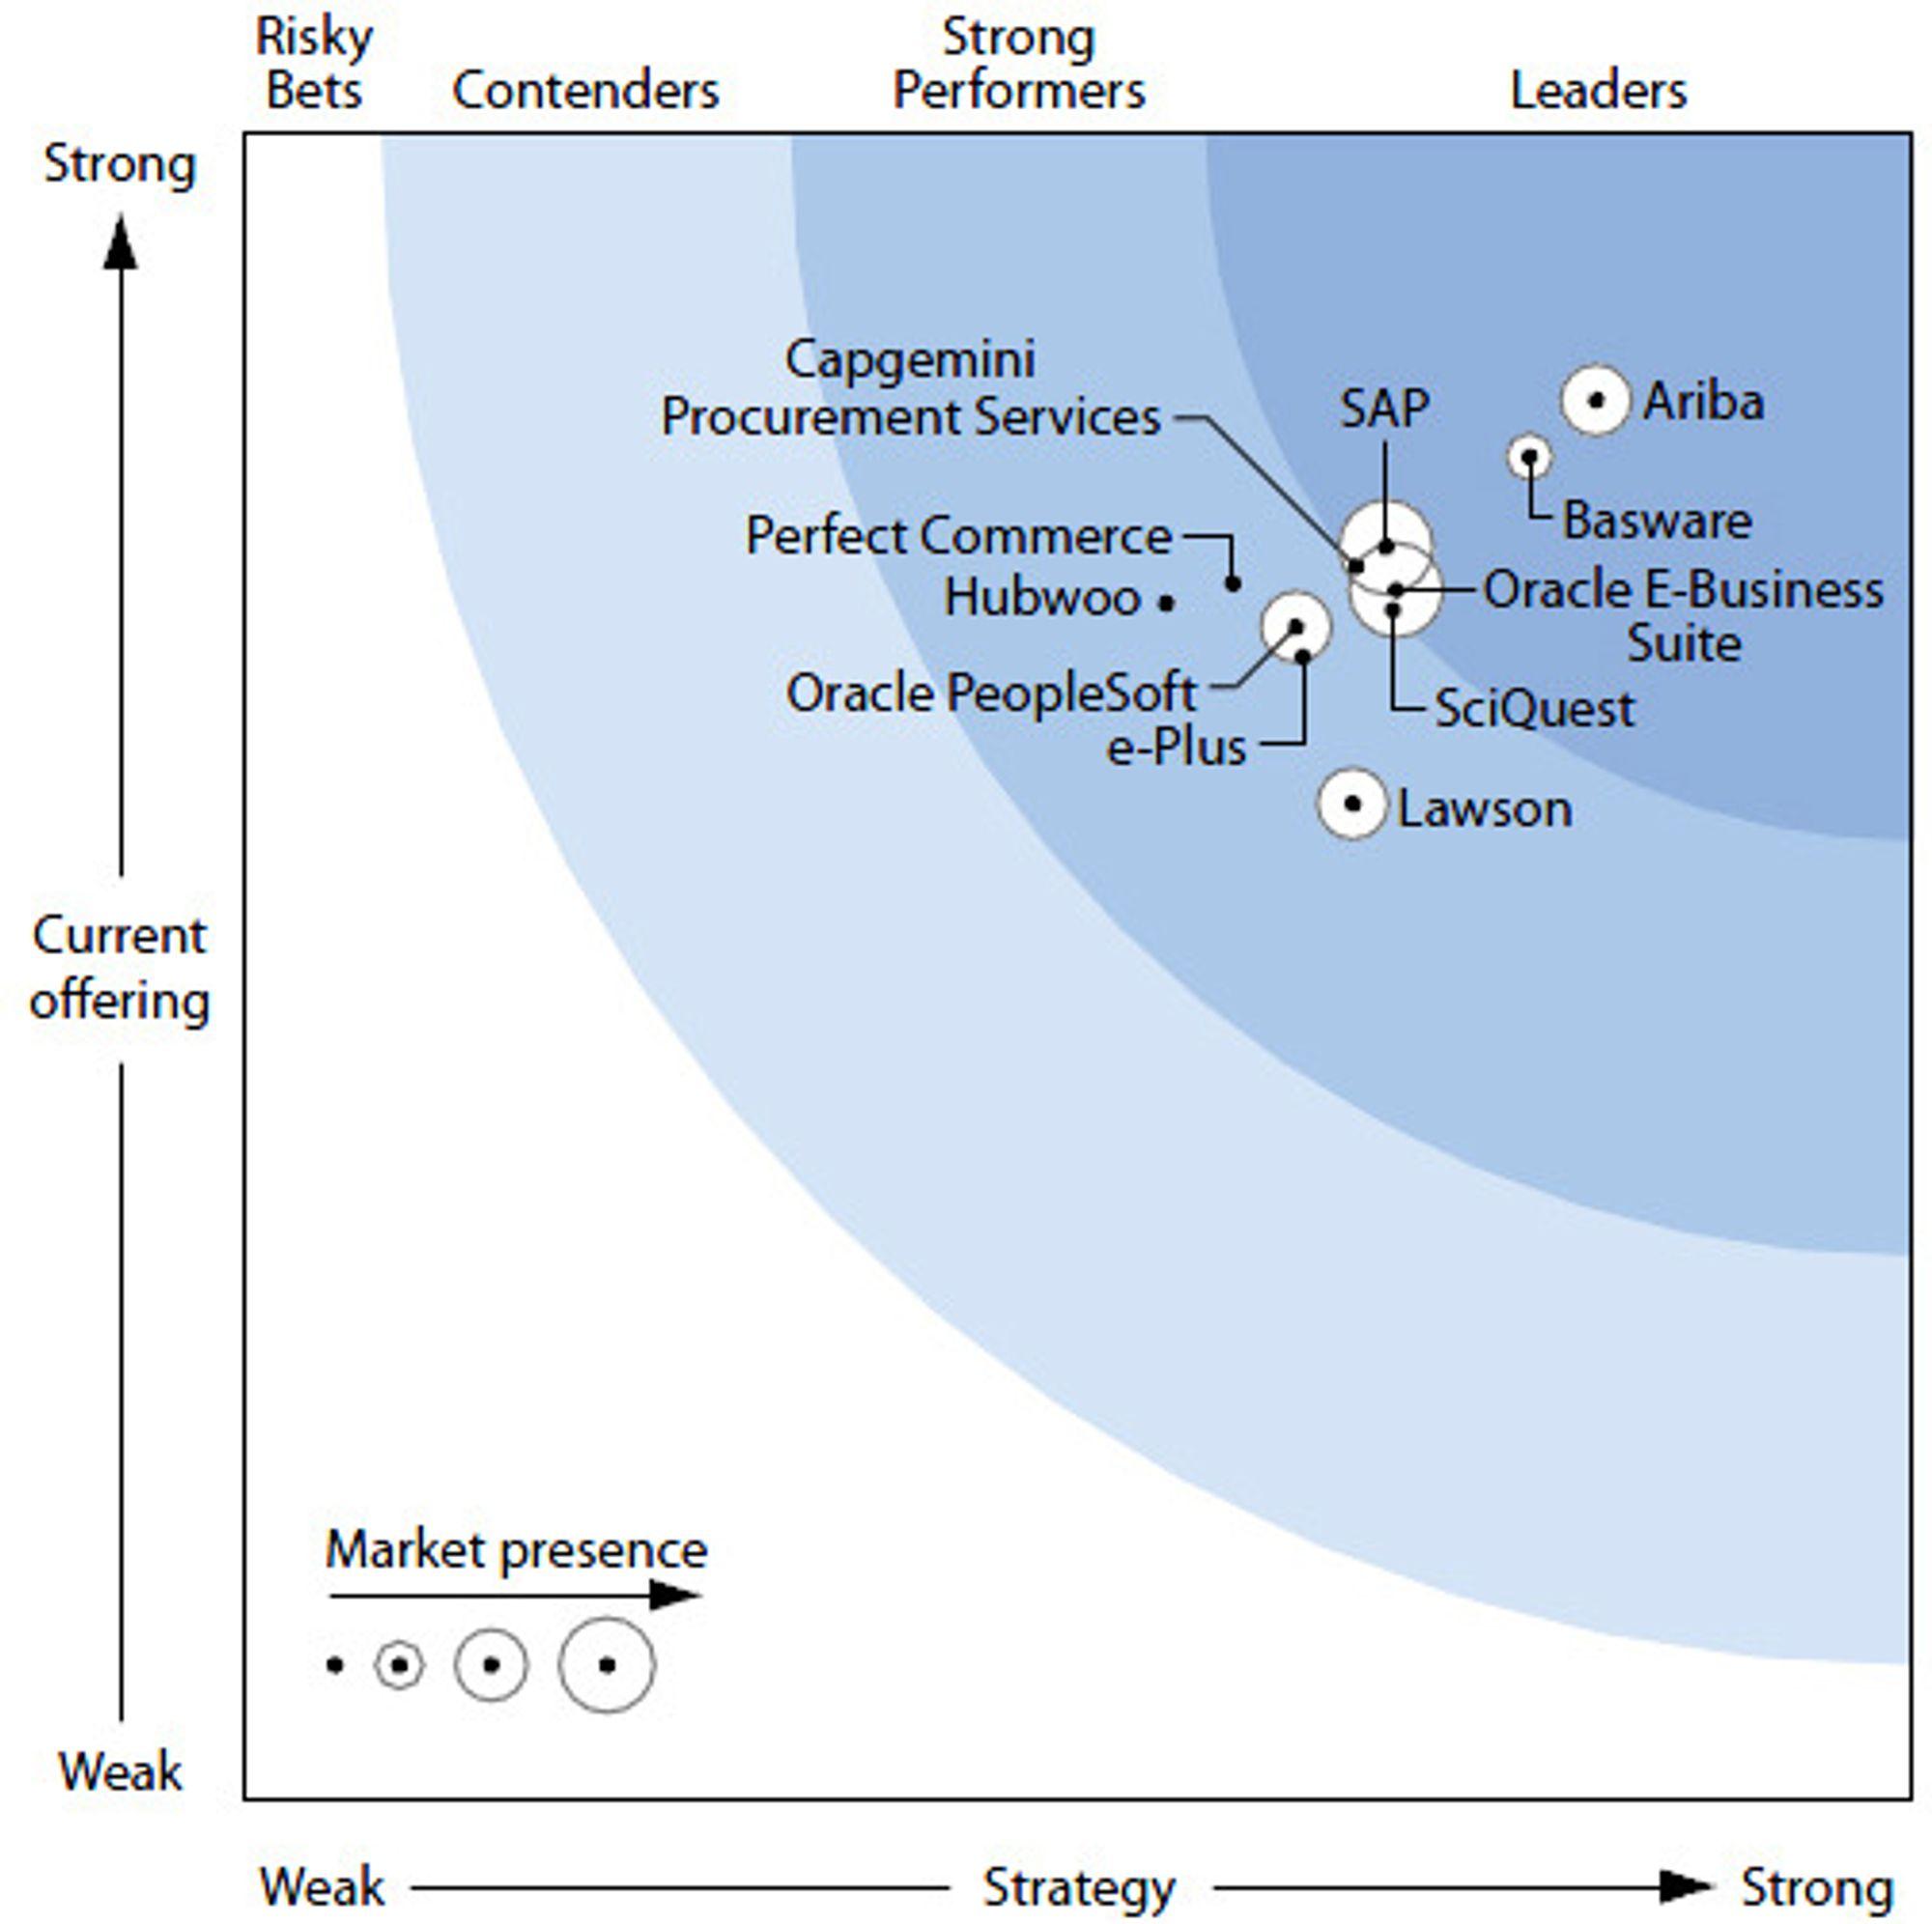 Rapporten «Forrester Wave: eProcurement Solutions Q1 2011» analyserer løsninger fra elleve leverandører. Konklusjonen er at løsningene er jevnt over svært gode, og at de som vurderer å skaffe seg en innkjøpsløsning må lete detaljene som avgjør hva som er mest hensiktsmessig for akkurat dem akkurat nå.